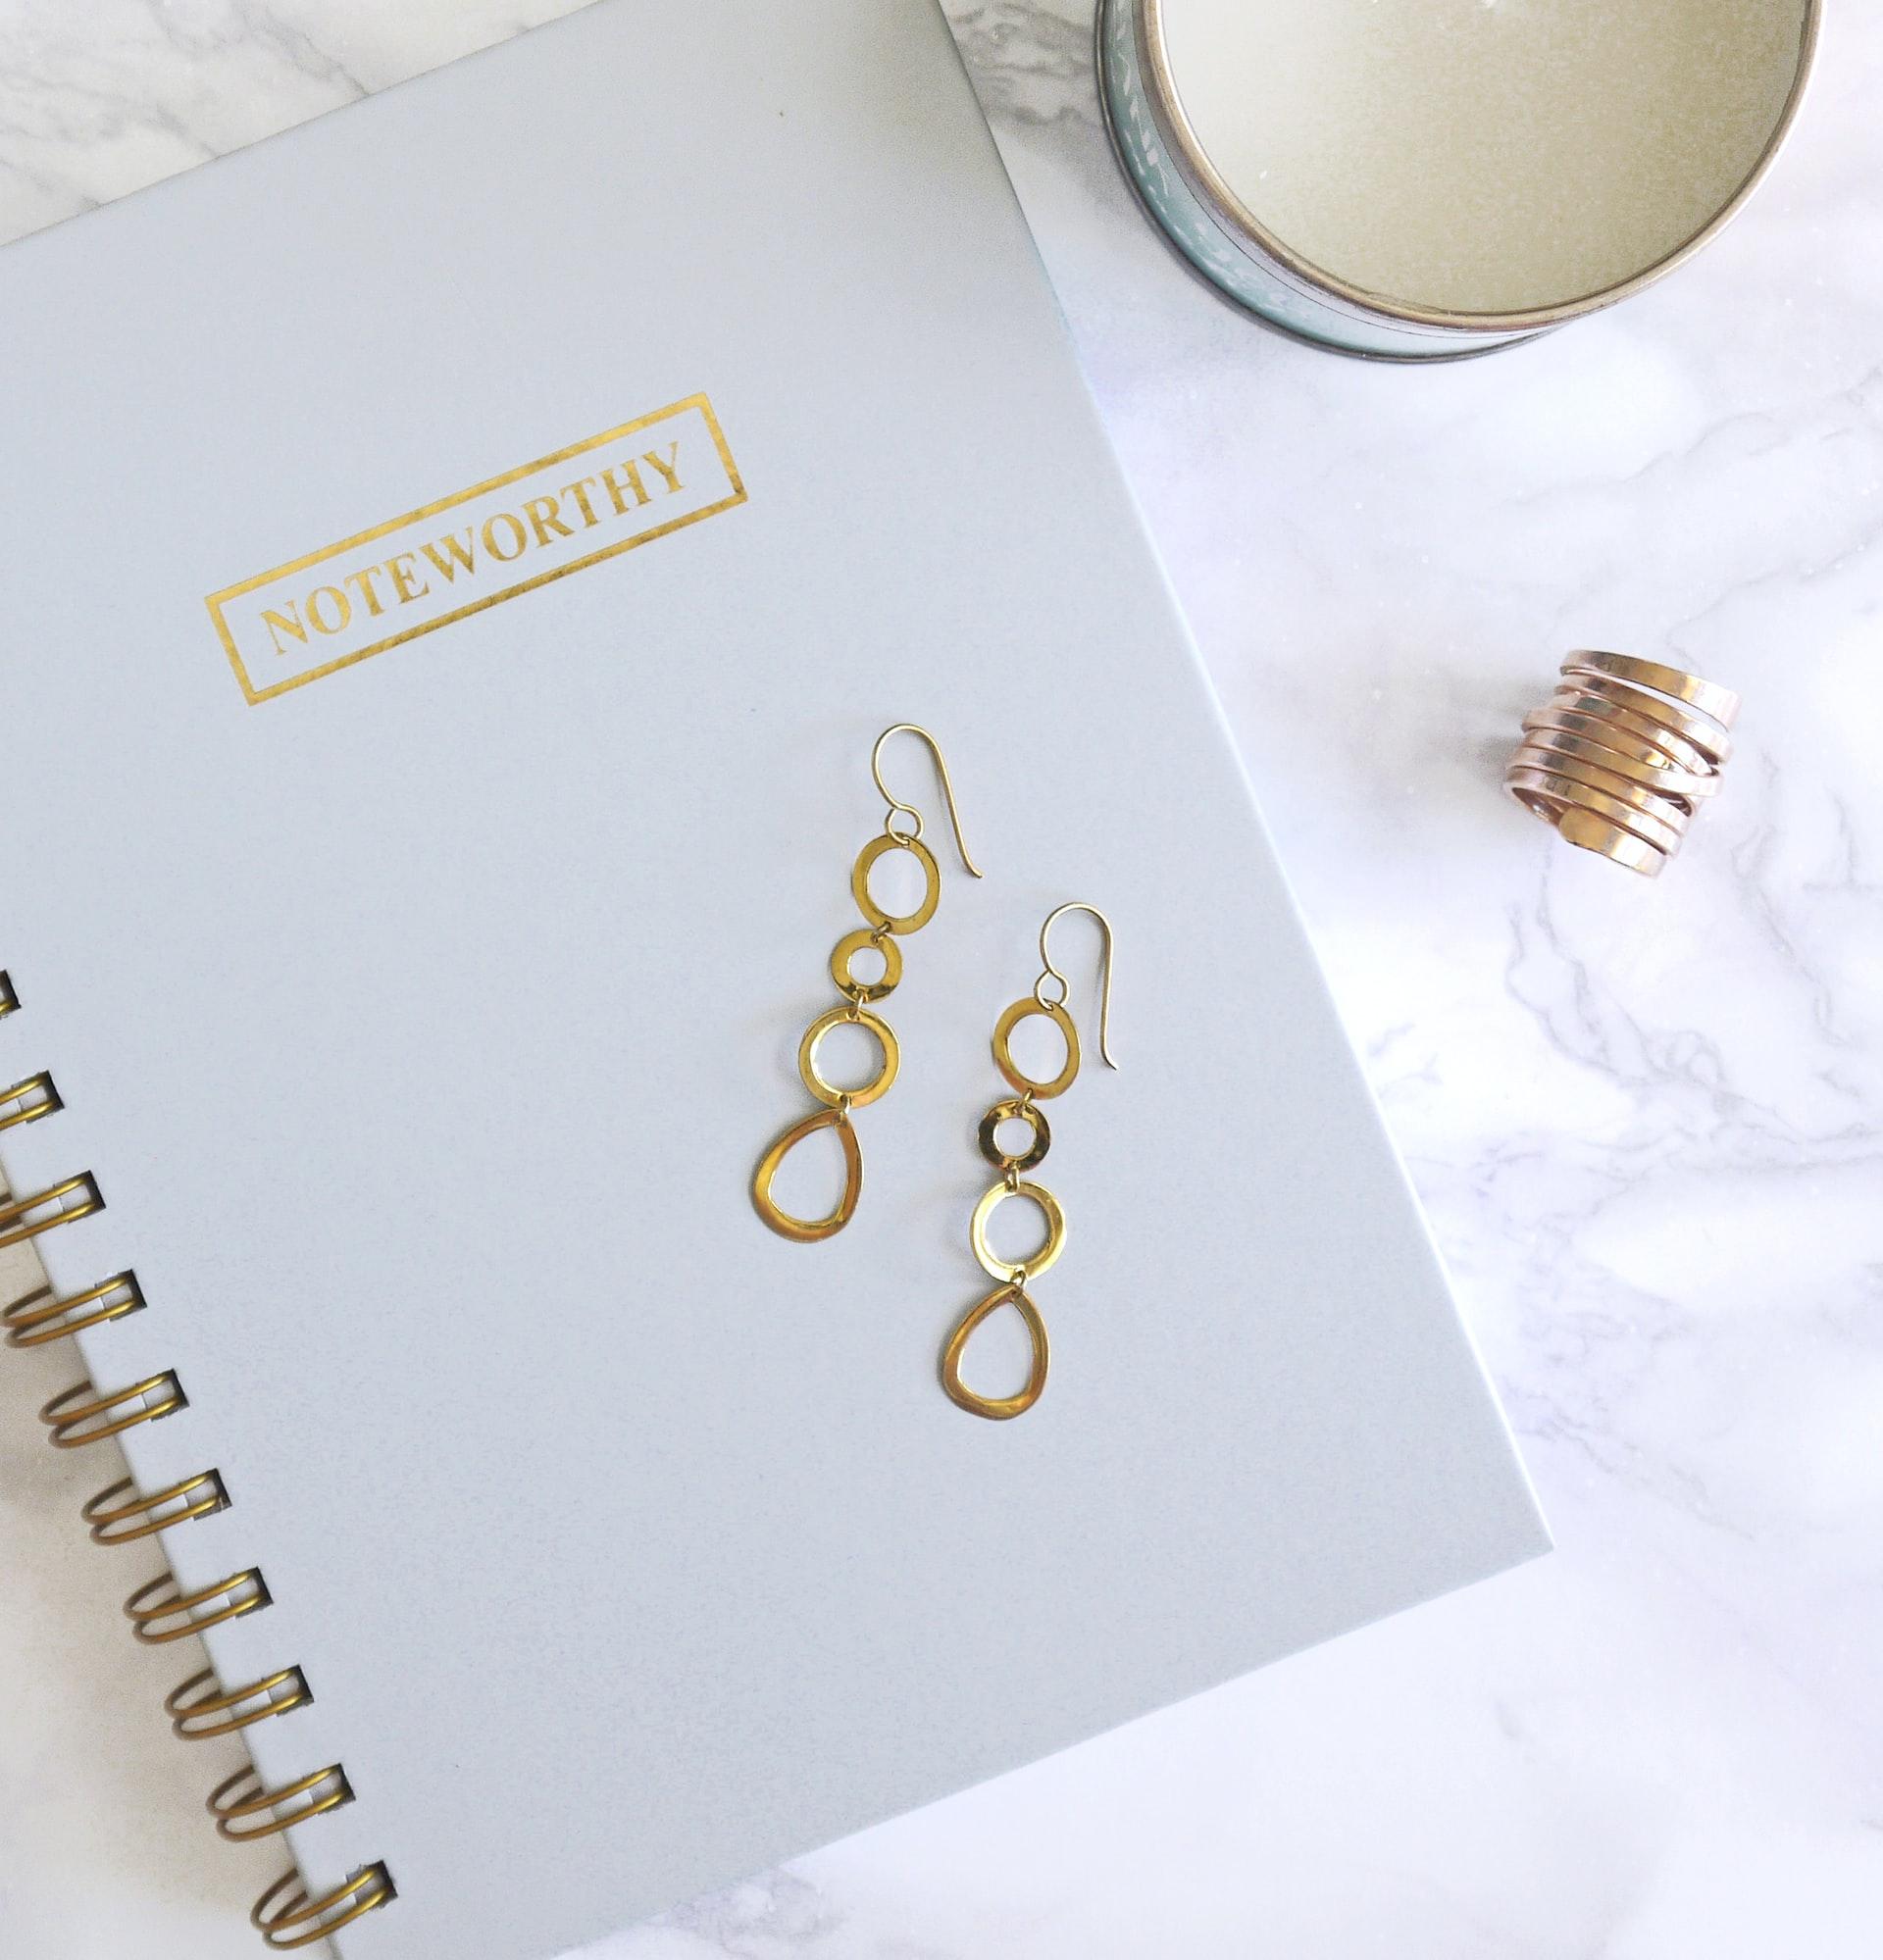 Earrings on a notebook